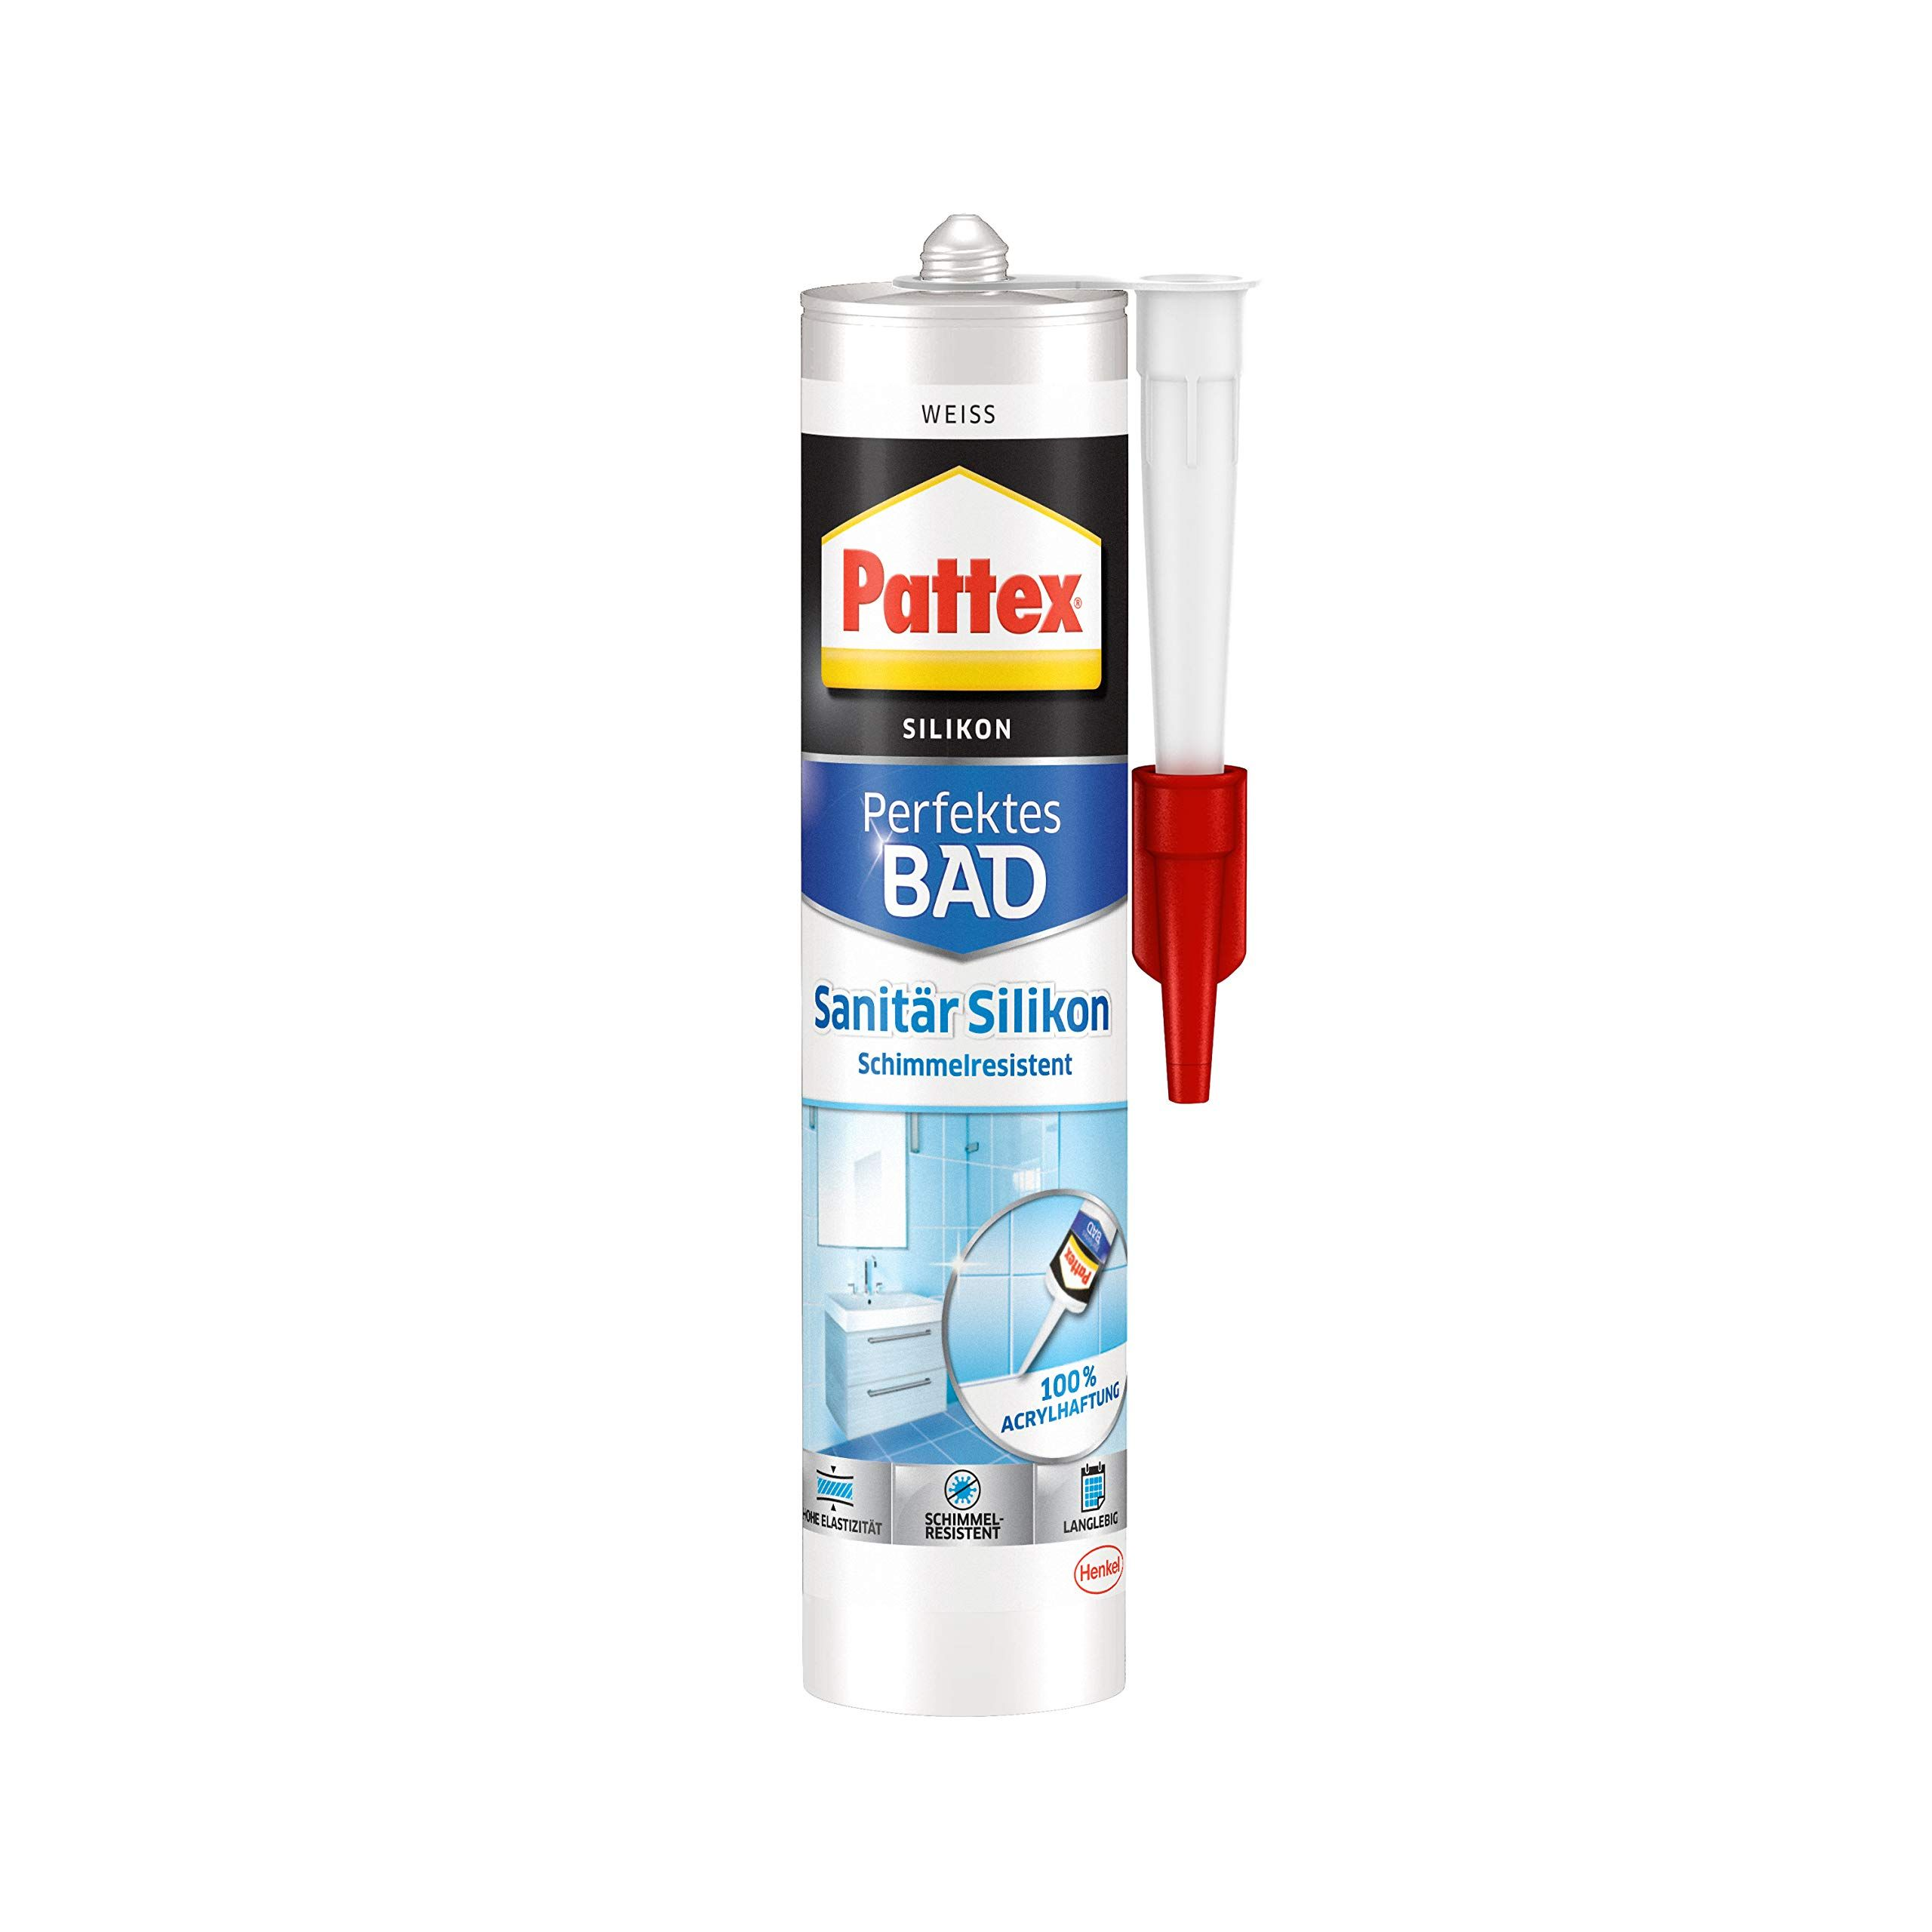 Pattex Perfektes Bad Sanitär Silikon, wasserfestes und